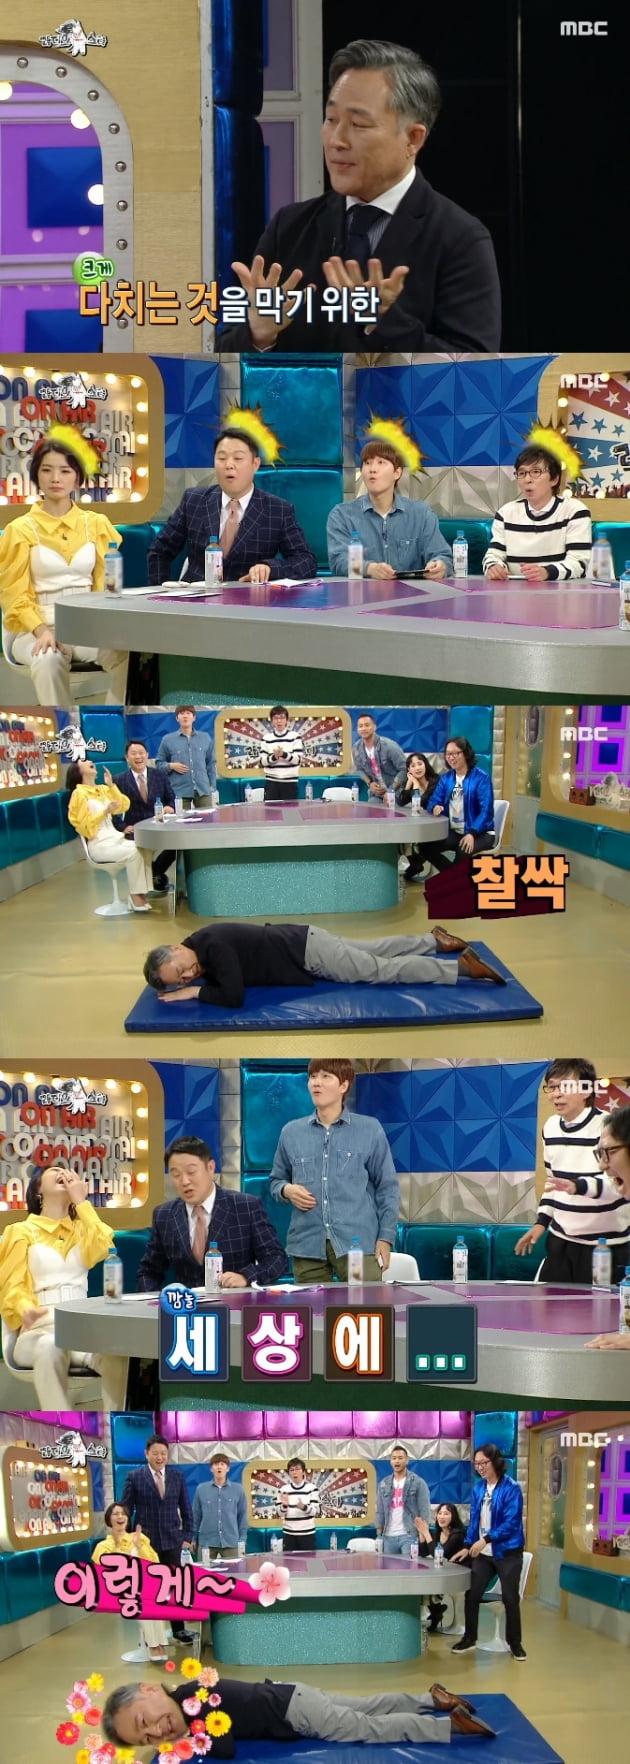 '라디오스타' 표창원 / 사진 = MBC 영상 캡처